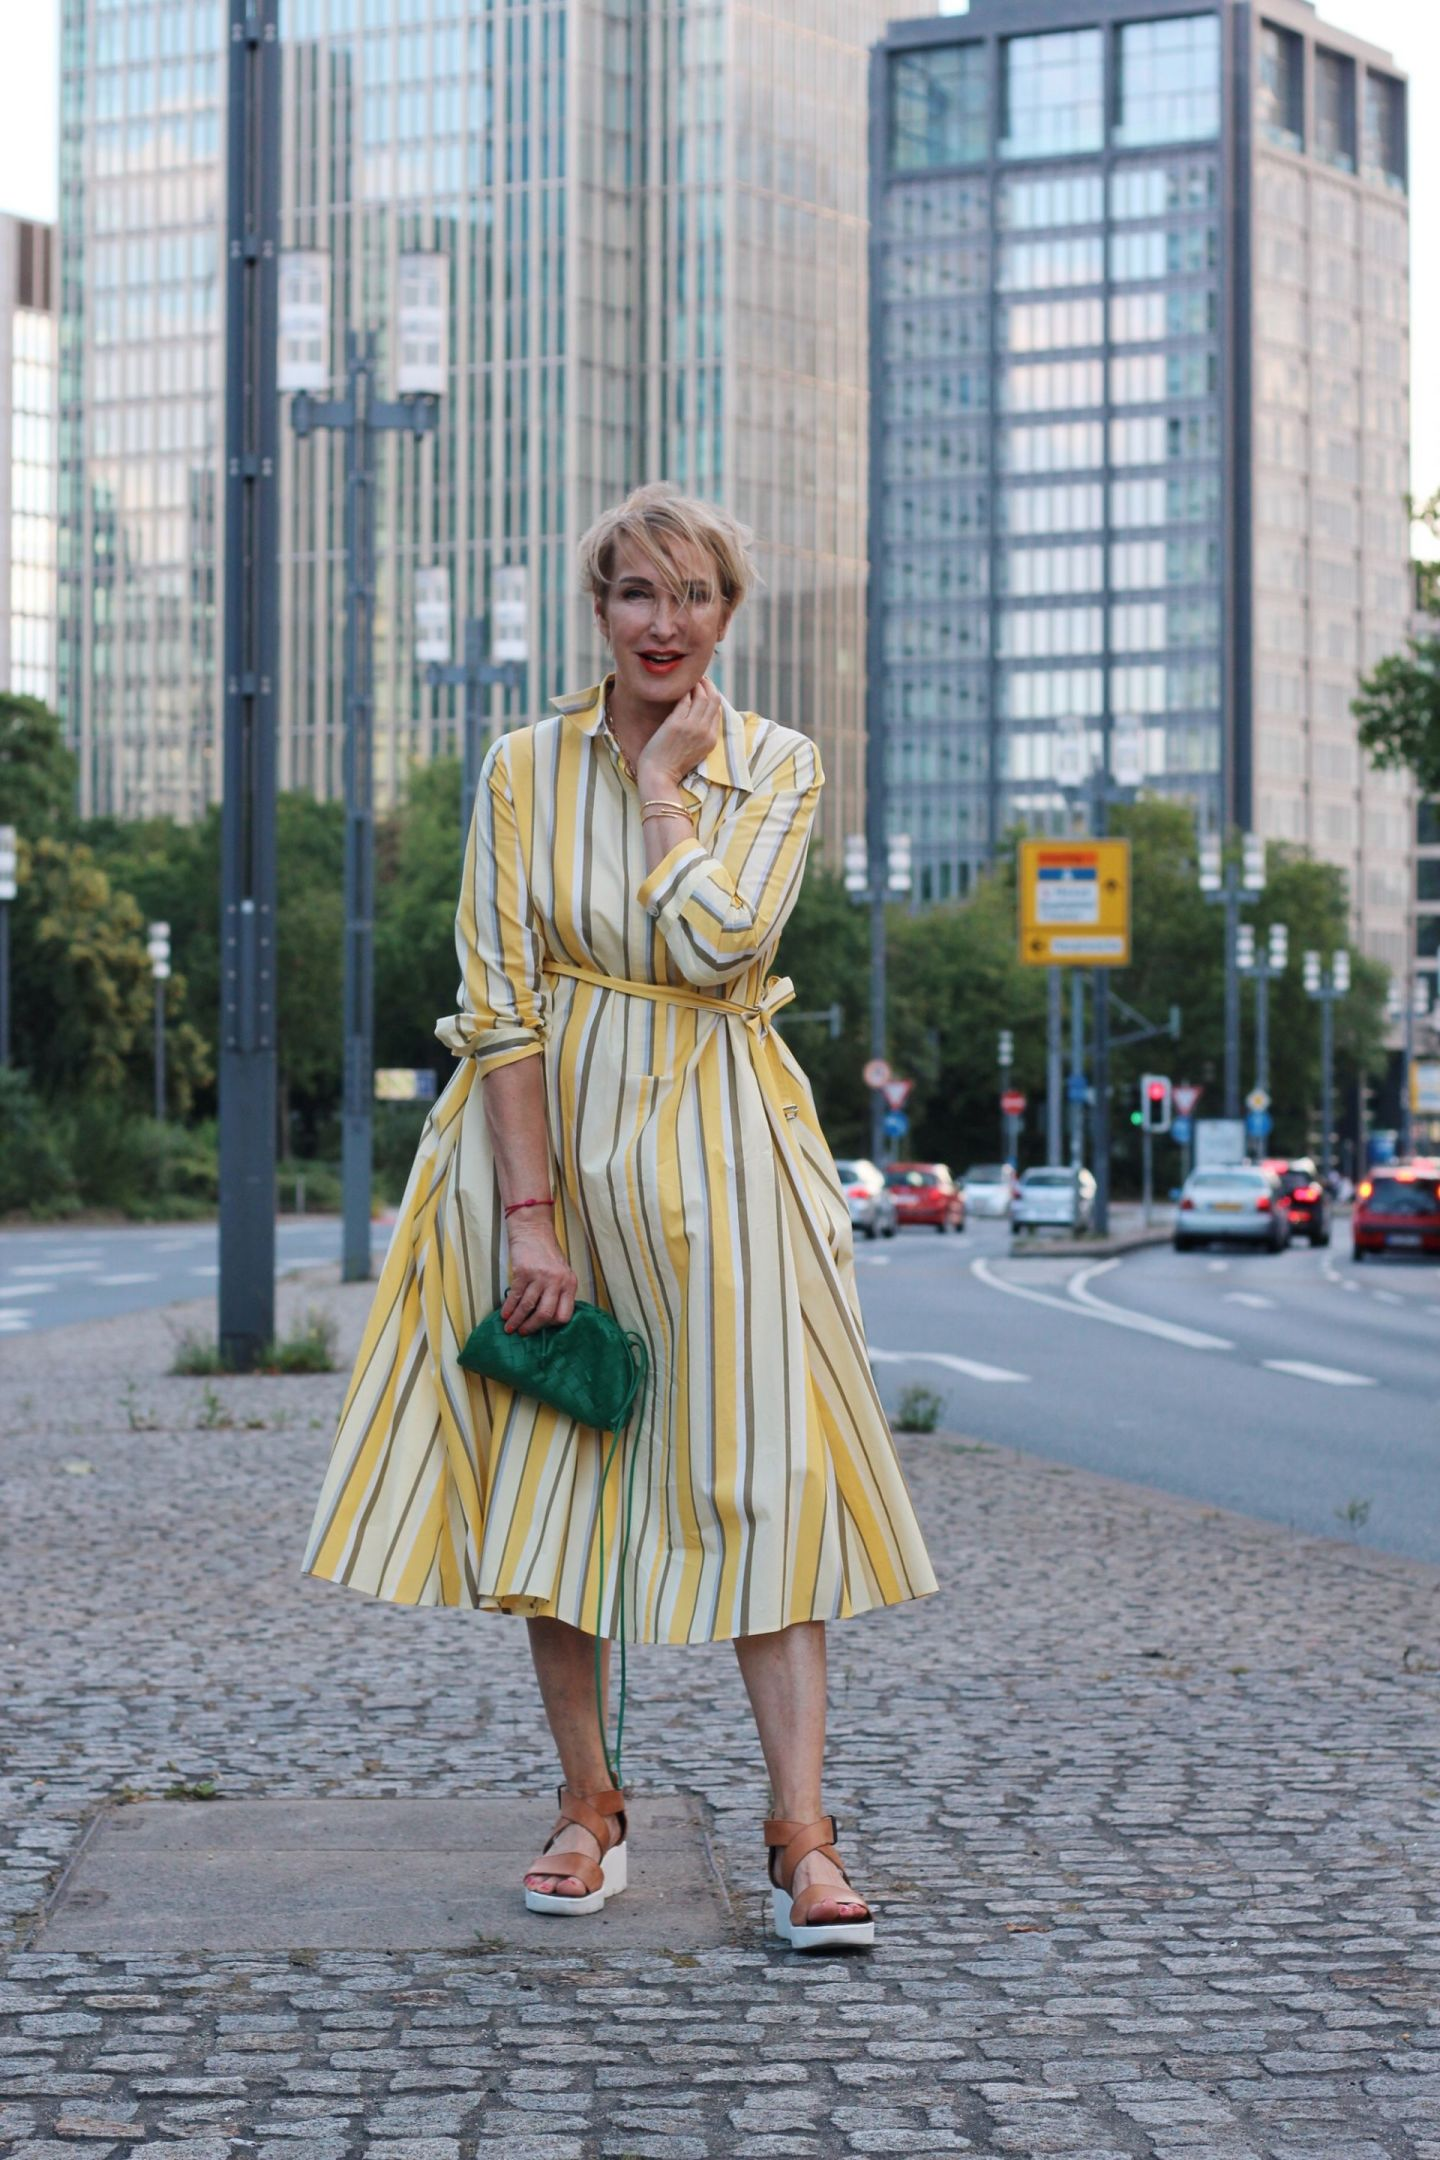 glamupyourlifestyle taschen taschenmodelle ue-40-blog ue-50-mode